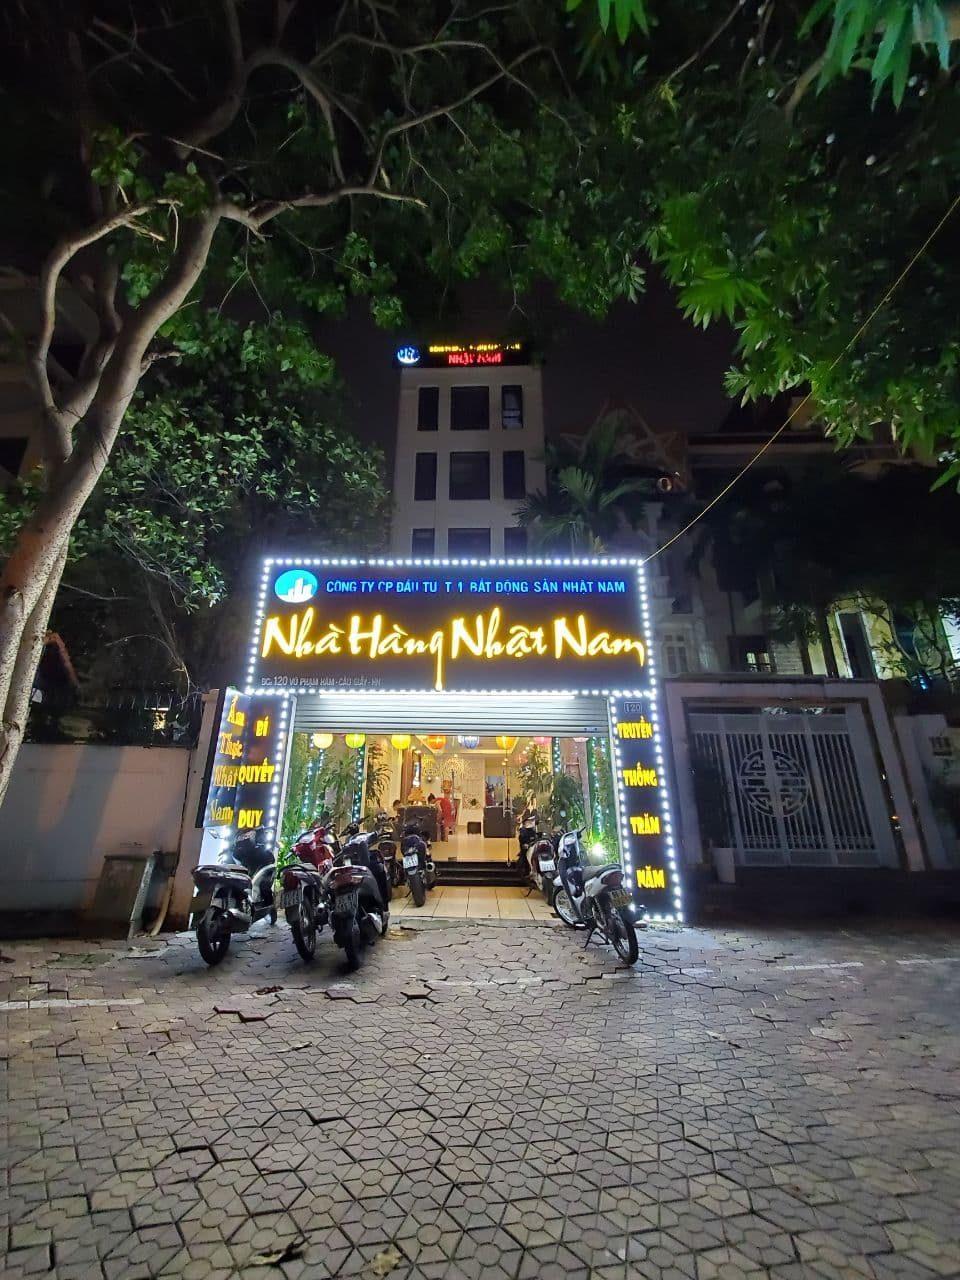 Nha Hang Nhat Nam Ha Noi